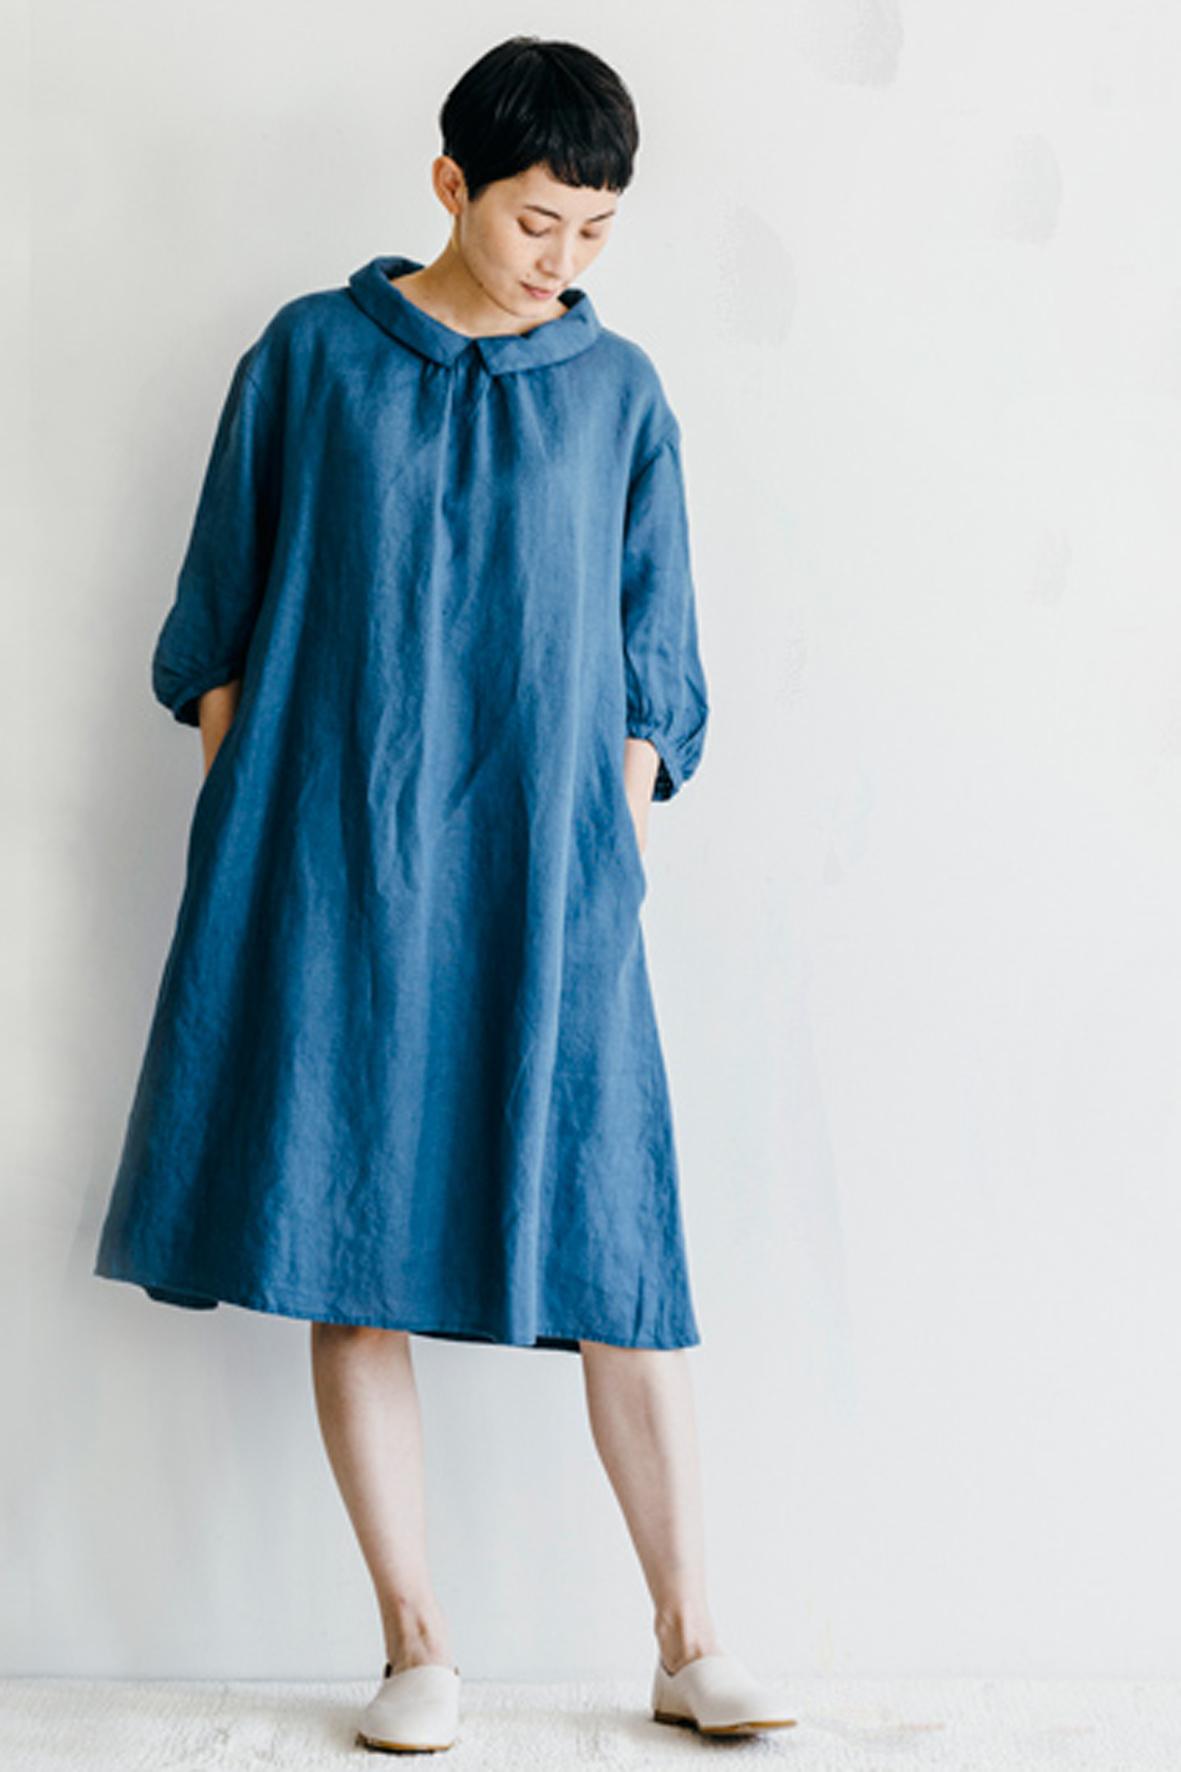 https://www.schule.jp/news/fog_schule07.jpg